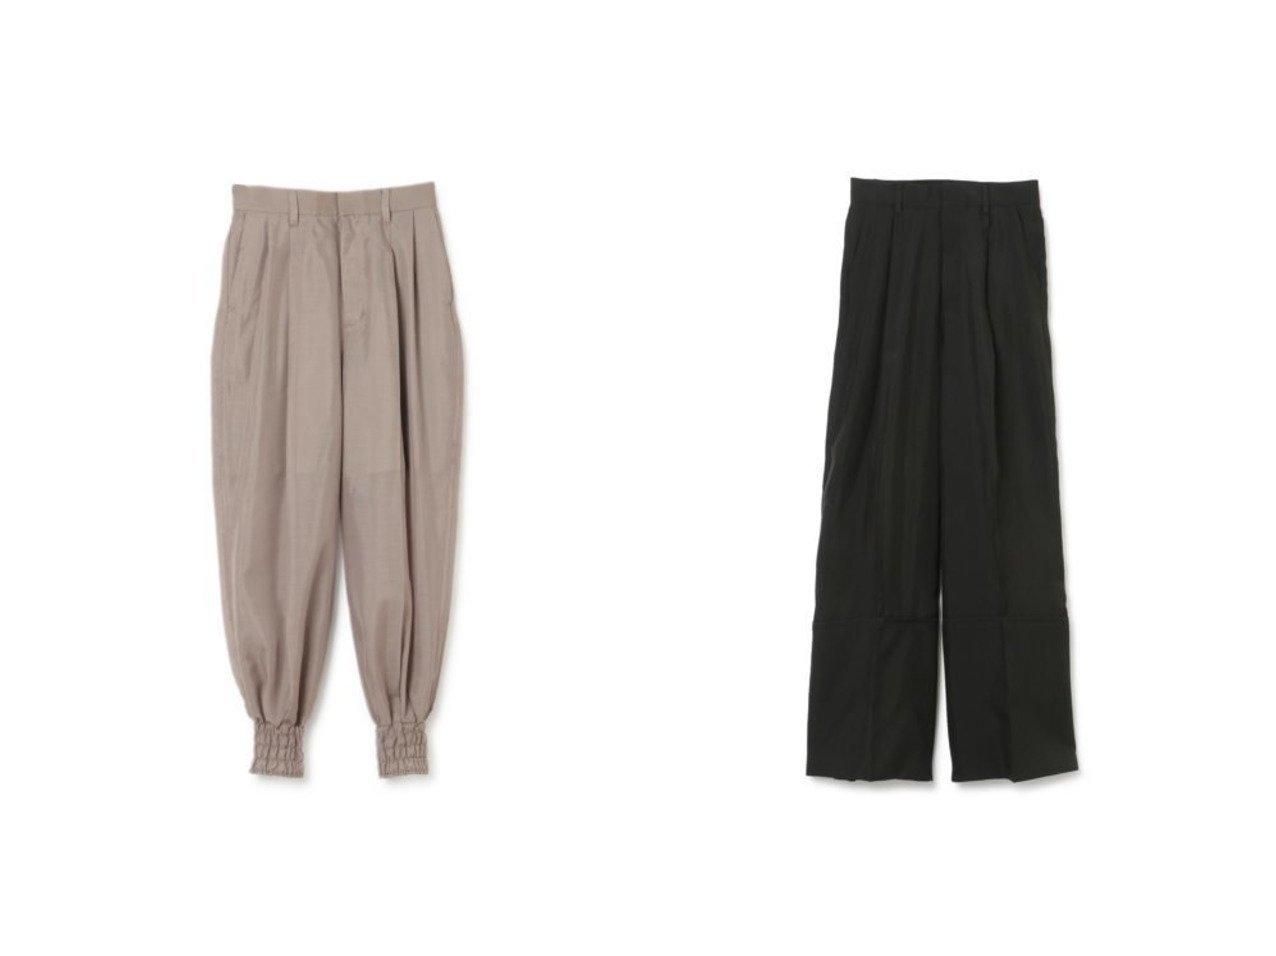 【AKIRANAKA/アキラナカ】のChelo harem TP pants&Kirsi rolled up panel pants 【パンツ】おすすめ!人気、トレンド・レディースファッションの通販 おすすめで人気の流行・トレンド、ファッションの通販商品 メンズファッション・キッズファッション・インテリア・家具・レディースファッション・服の通販 founy(ファニー) https://founy.com/ ファッション Fashion レディースファッション WOMEN パンツ Pants 2021年 2021 2021春夏・S/S SS/Spring/Summer/2021 S/S・春夏 SS・Spring/Summer シャーリング 今季 ワイド |ID:crp329100000028425